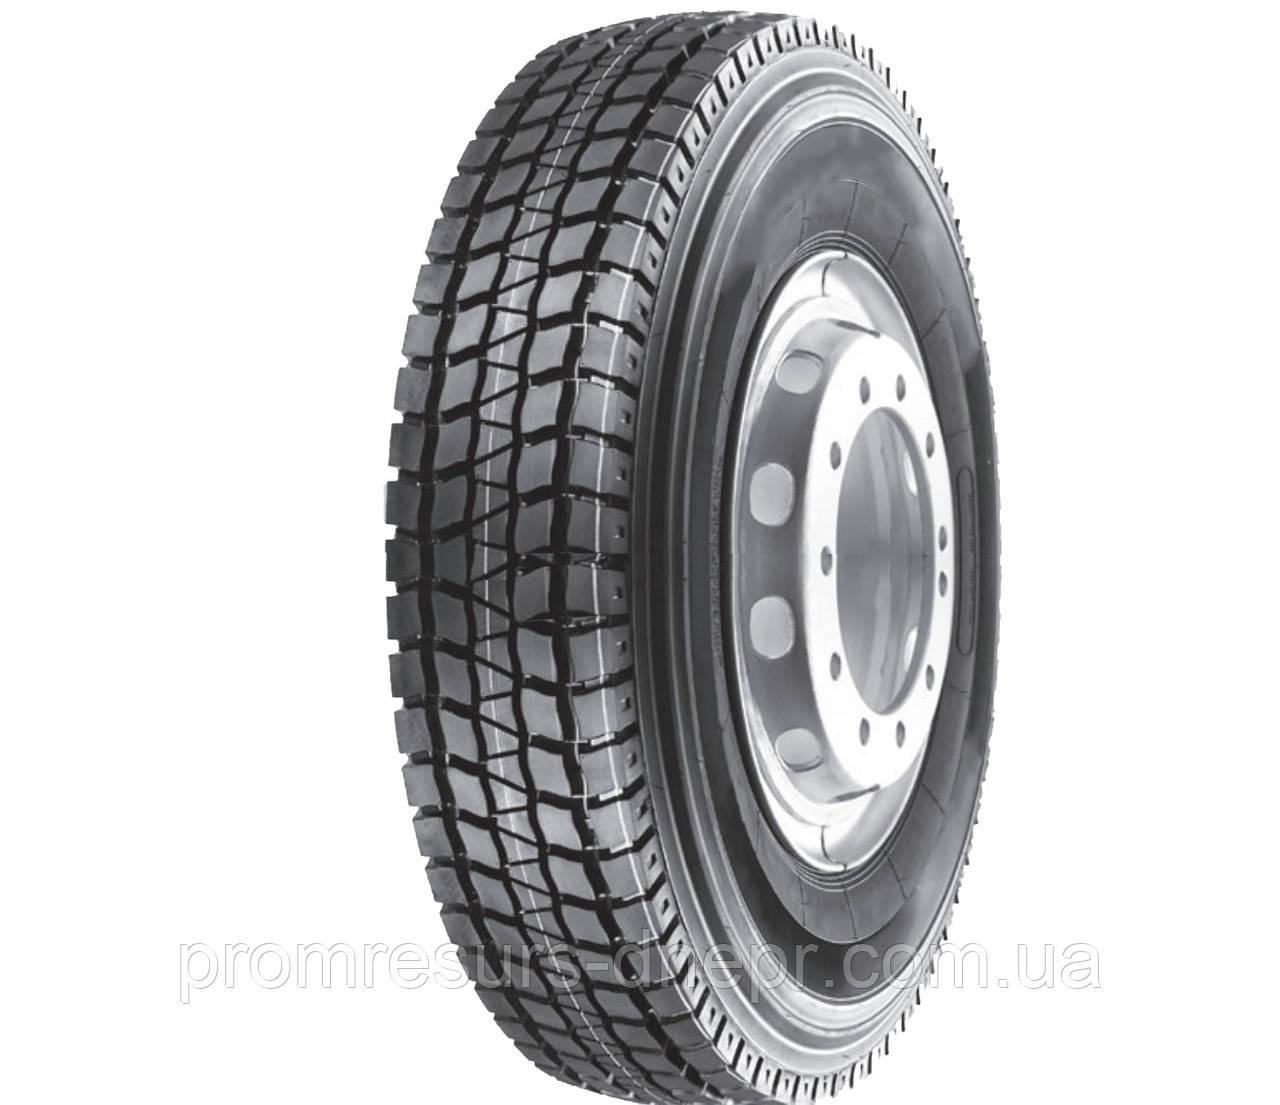 10.00 R20 ( 280 R508 ) Roadwing WS626 ( універсальний ) 149/146K PR18